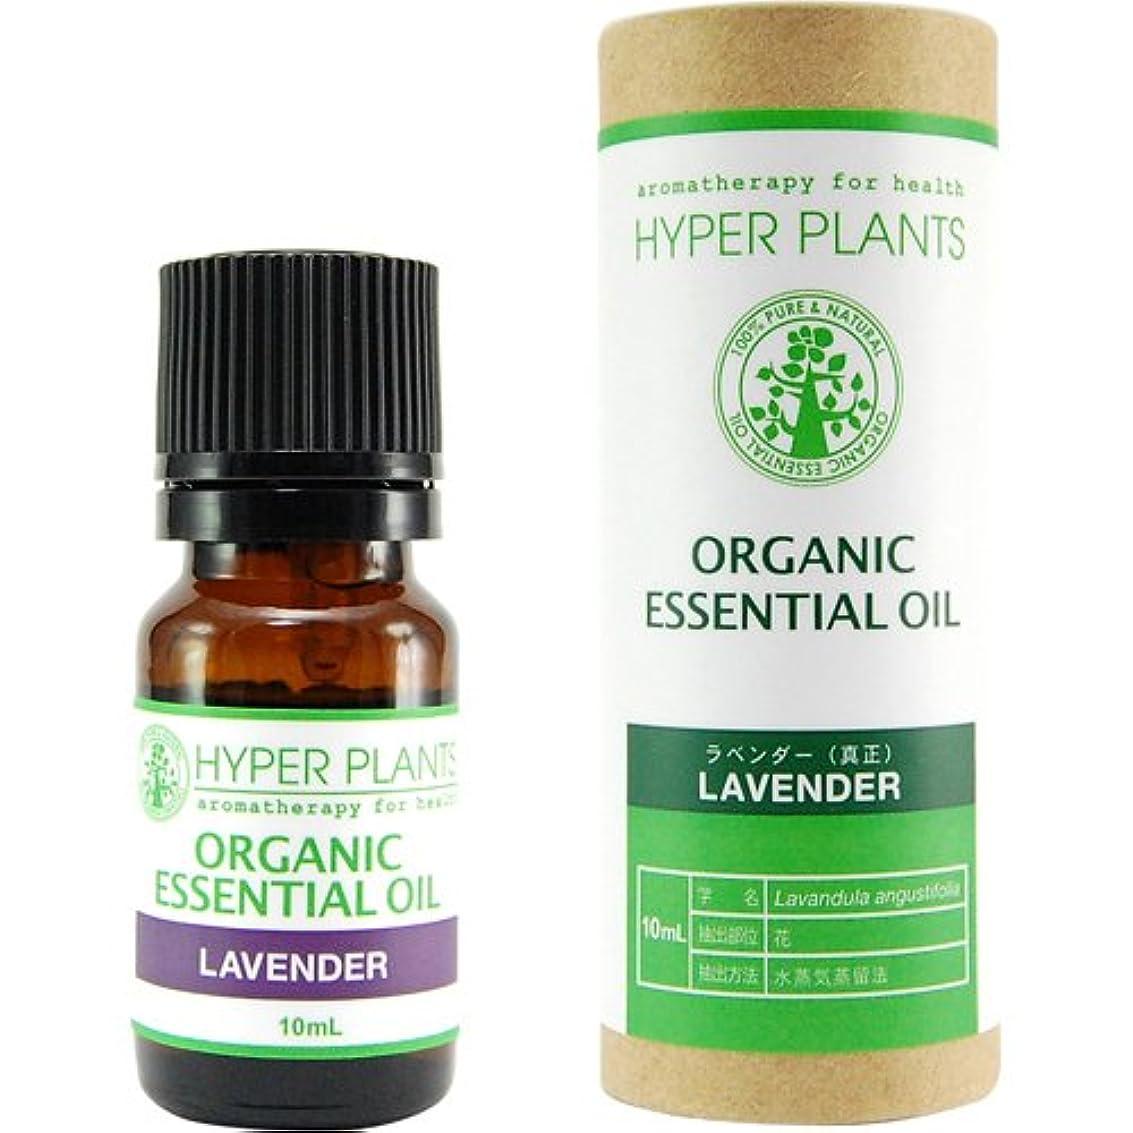 繁殖動機付ける多年生HYPER PLANTS ハイパープランツ オーガニックエッセンシャルオイル ラベンダー(真正) 10ml HE0207